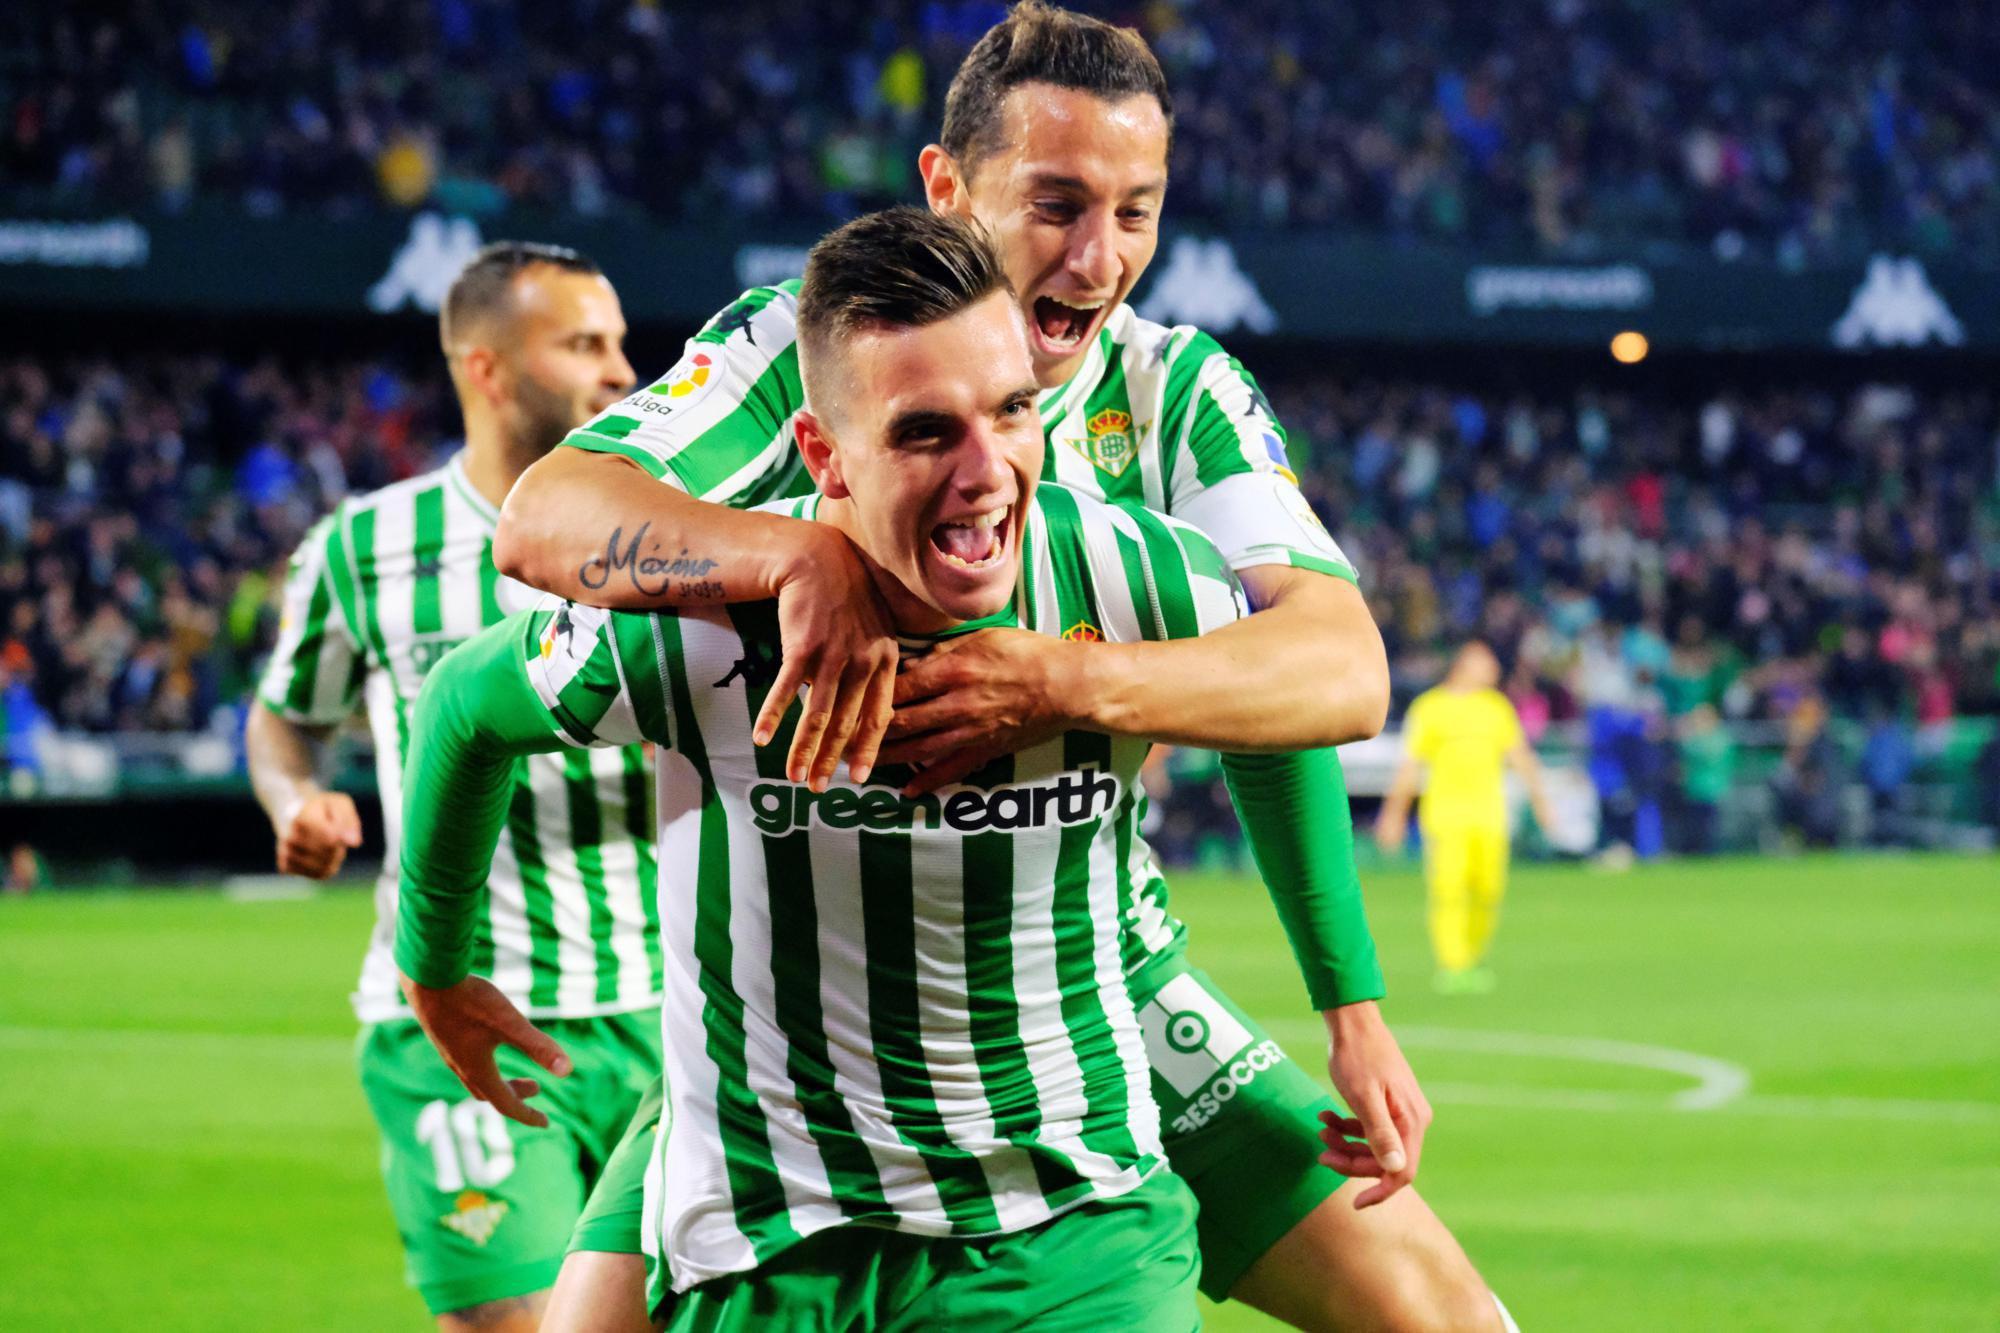 Lo Celso celebrado con Guardado uno de sus dos goles al Villarreal.